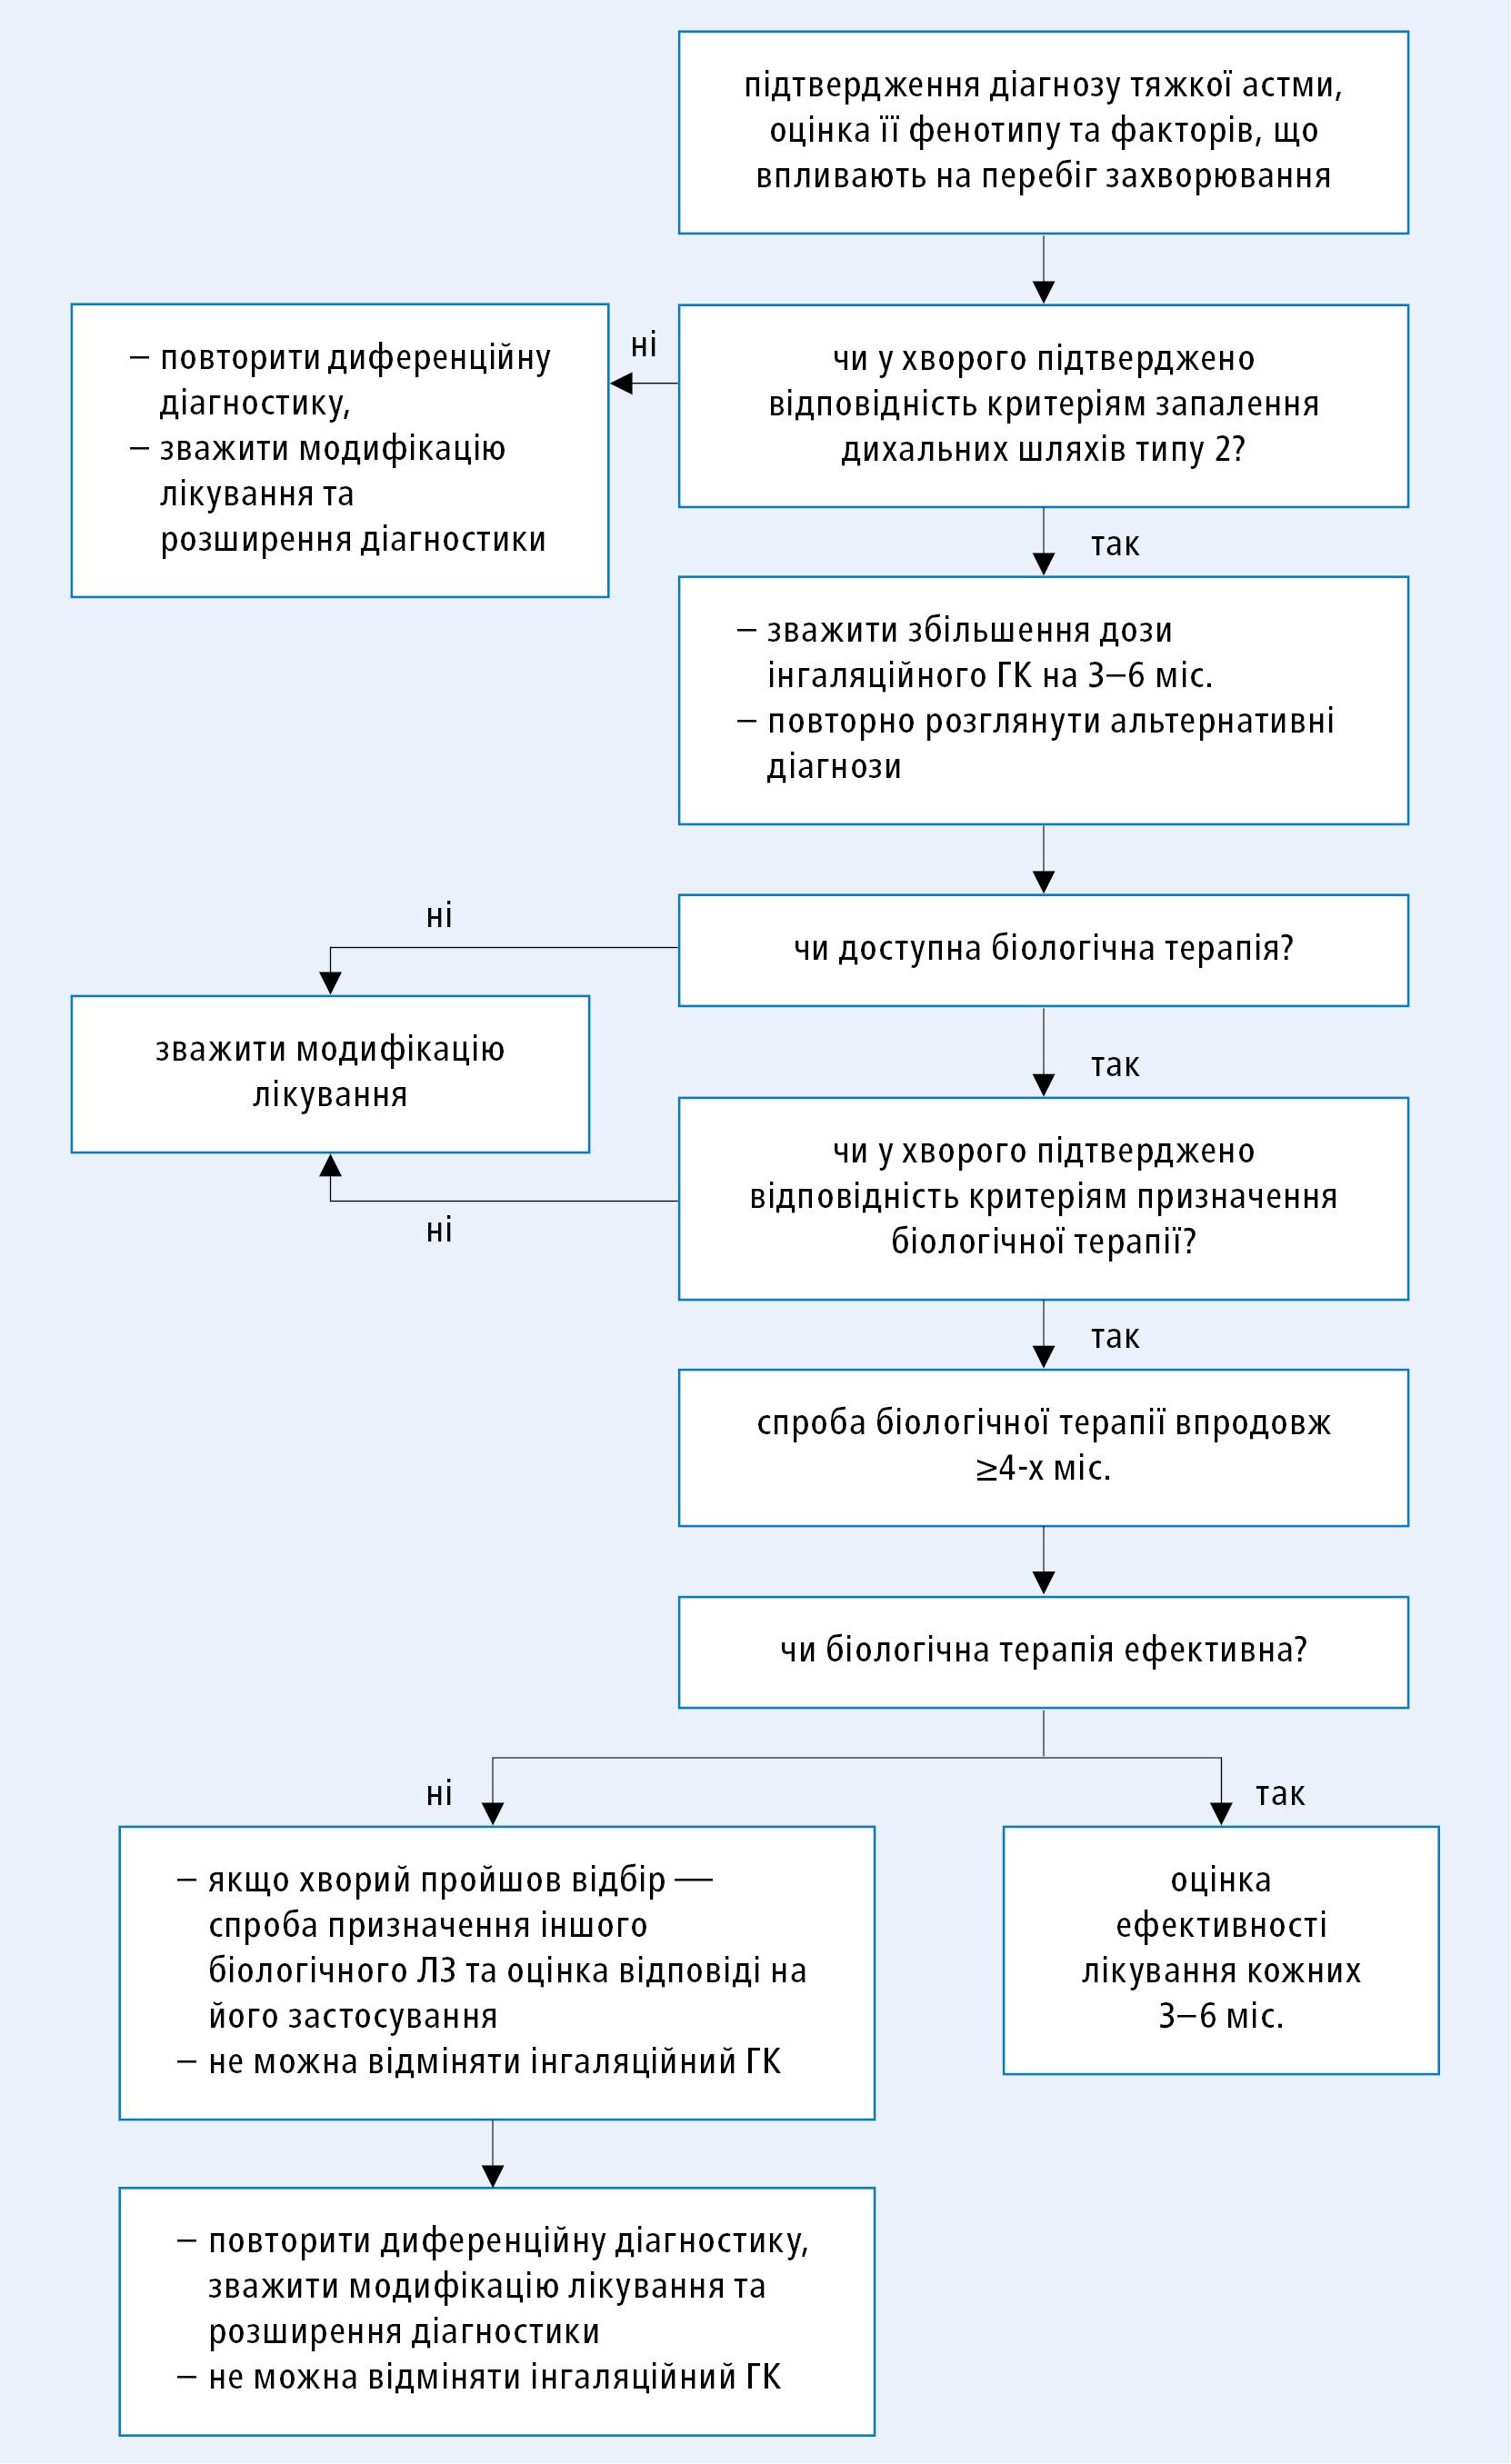 Алгоритм тактики при тяжкій астмі відповідно до клінічних настанов GINA 2019